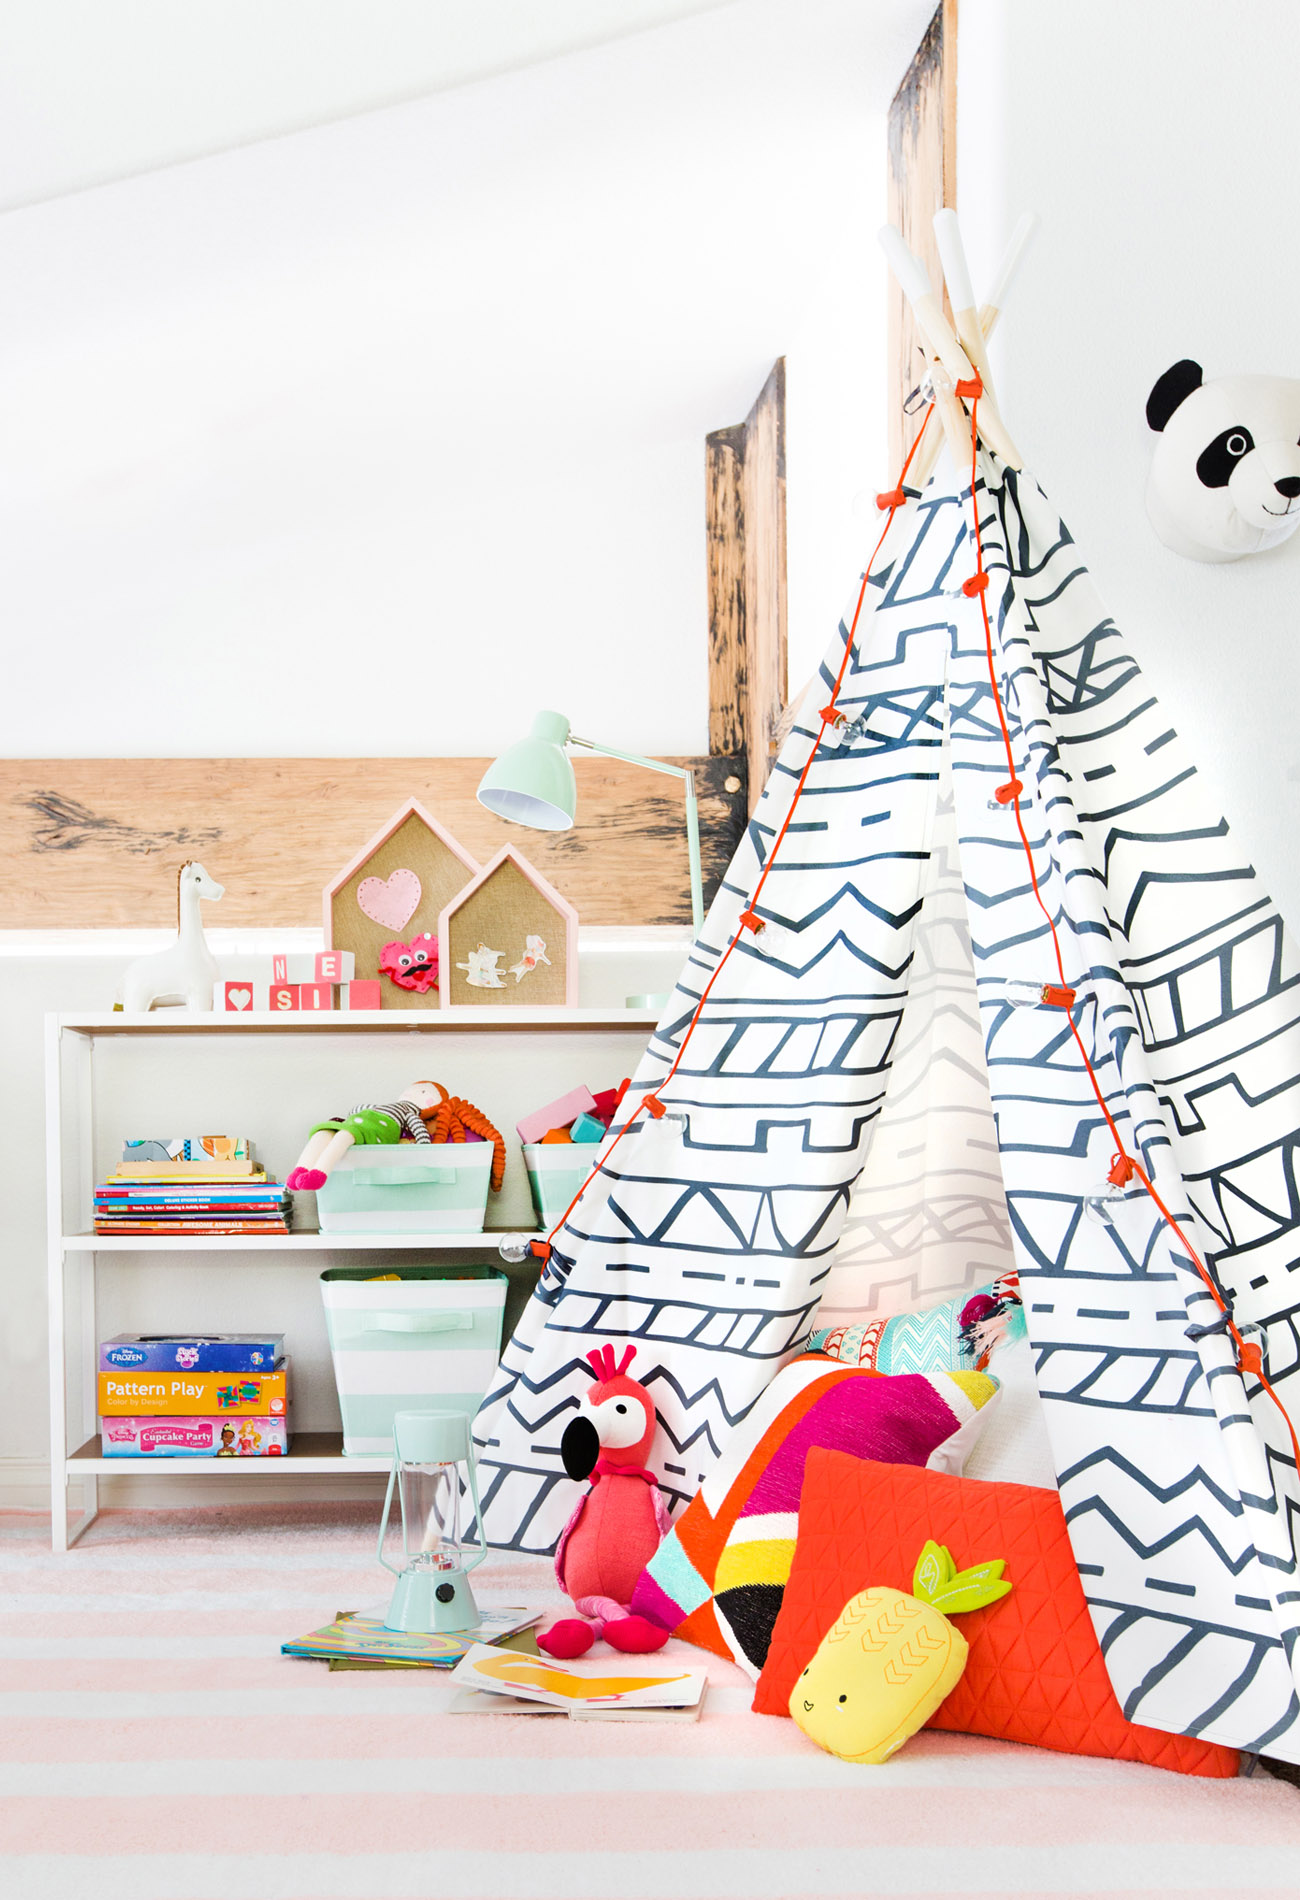 teepee in playroom